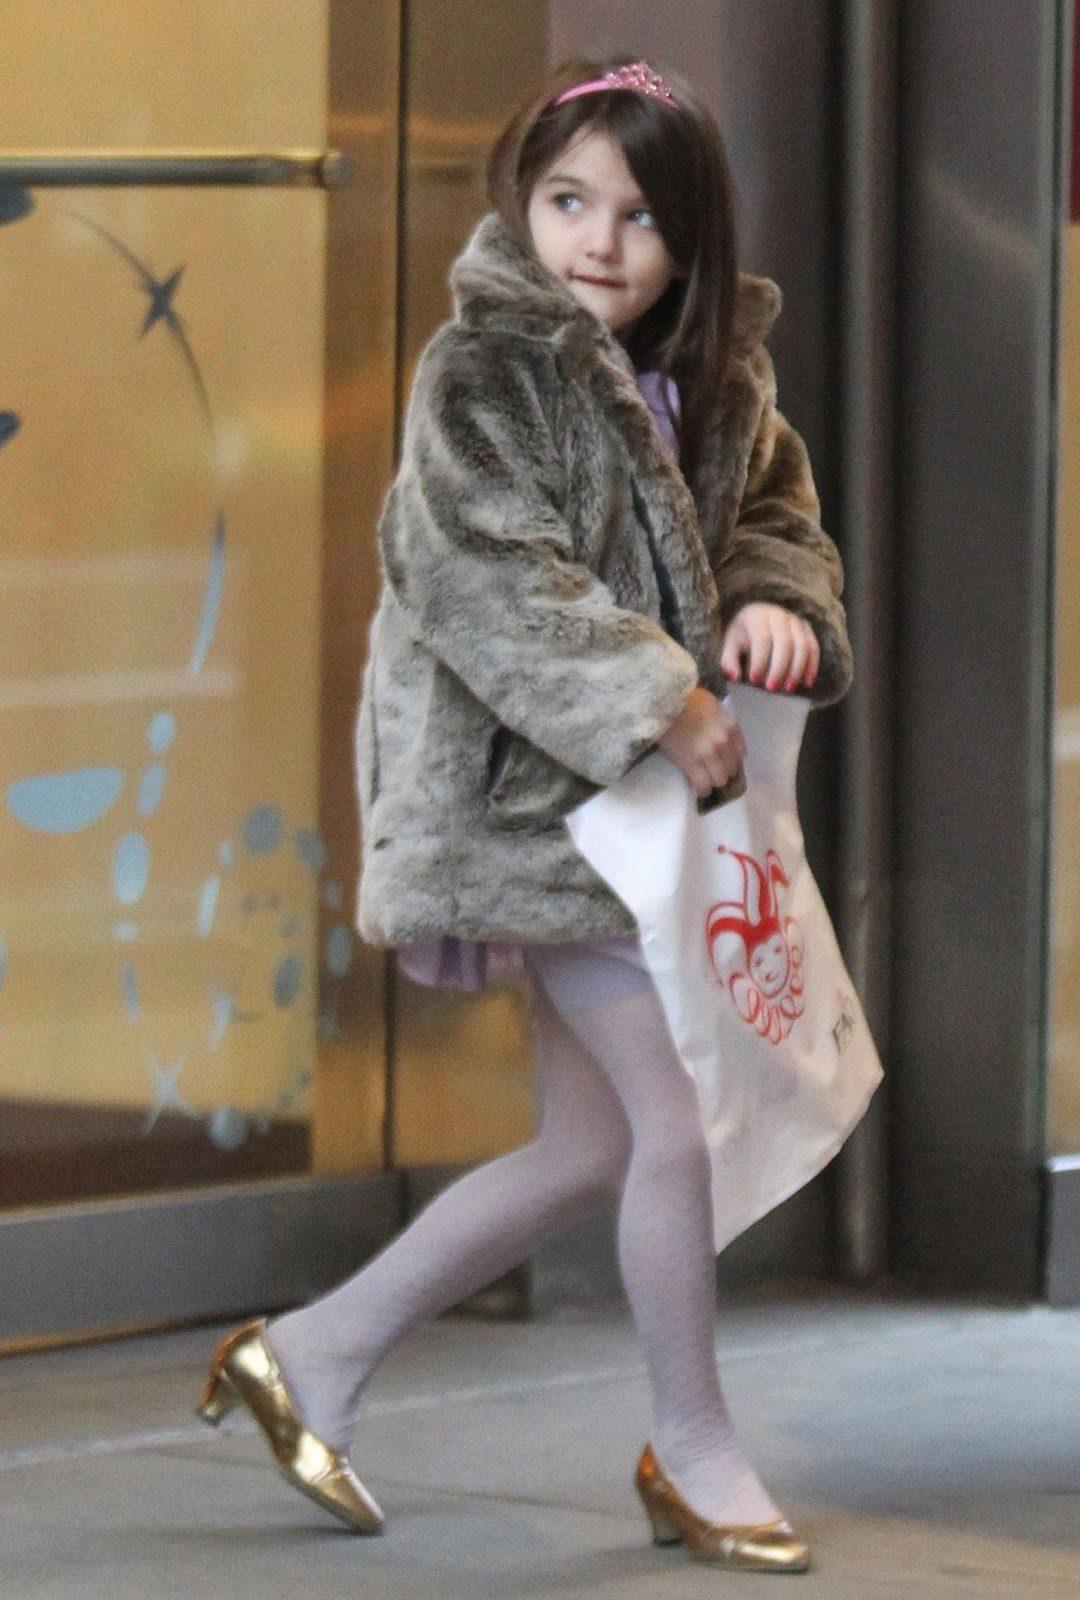 Какой каблук допускается для девочки 6, 8 или 10 лет  Как правильно выбрать  туфли на каблуке  Об этом пойдет речь в нашей статье. 05afcebae62